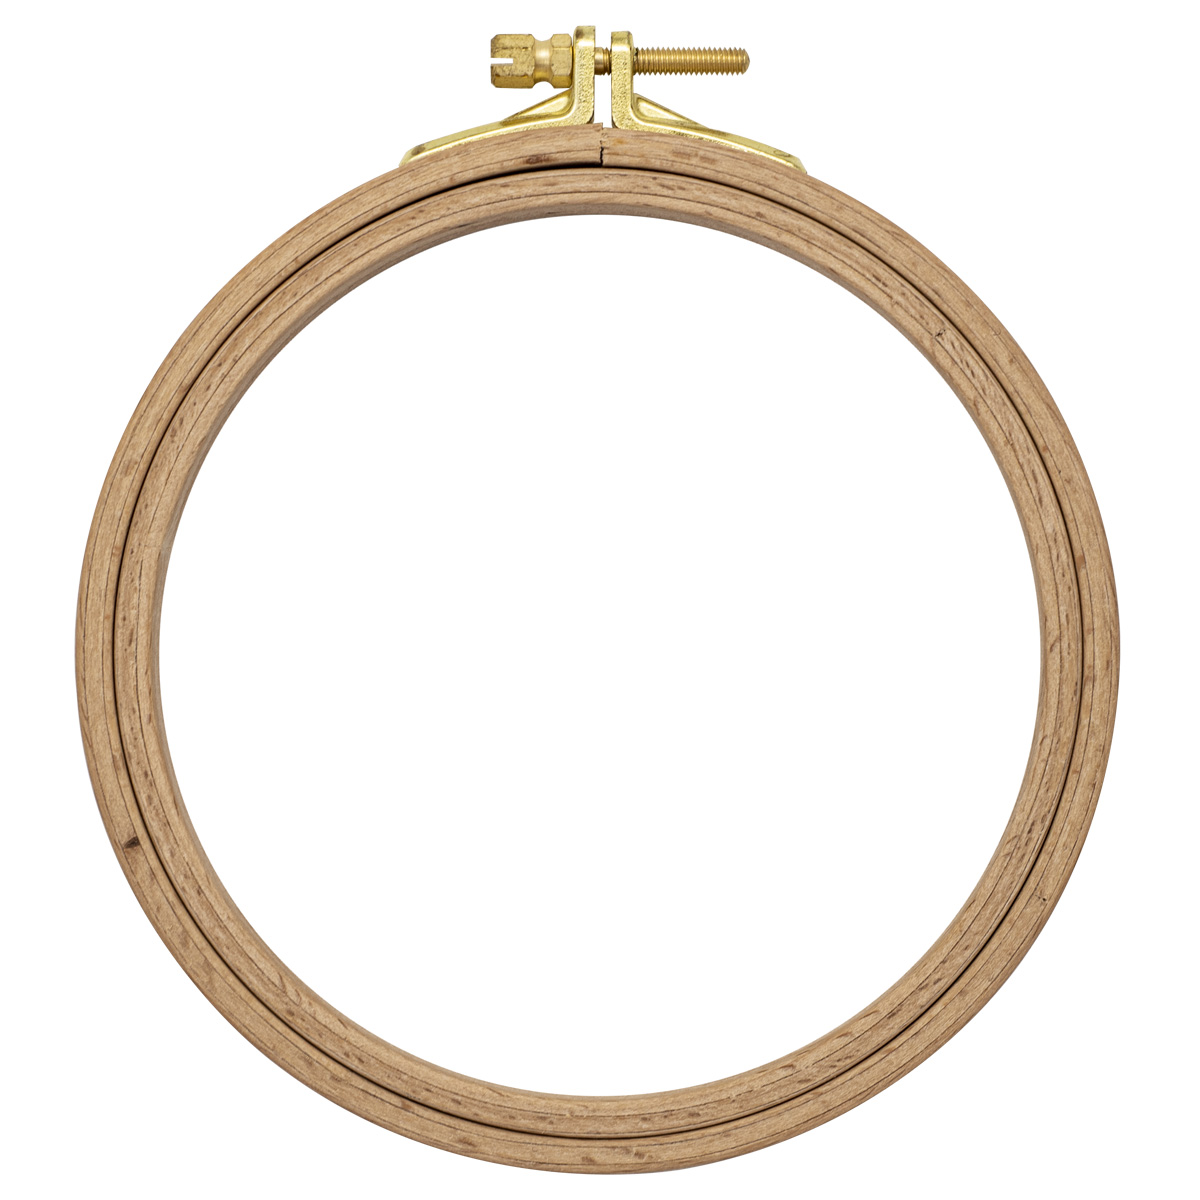 110-2 Пяльцы круглые буковые, d=130 мм, выс. обода 16 мм, Nurge Hobby